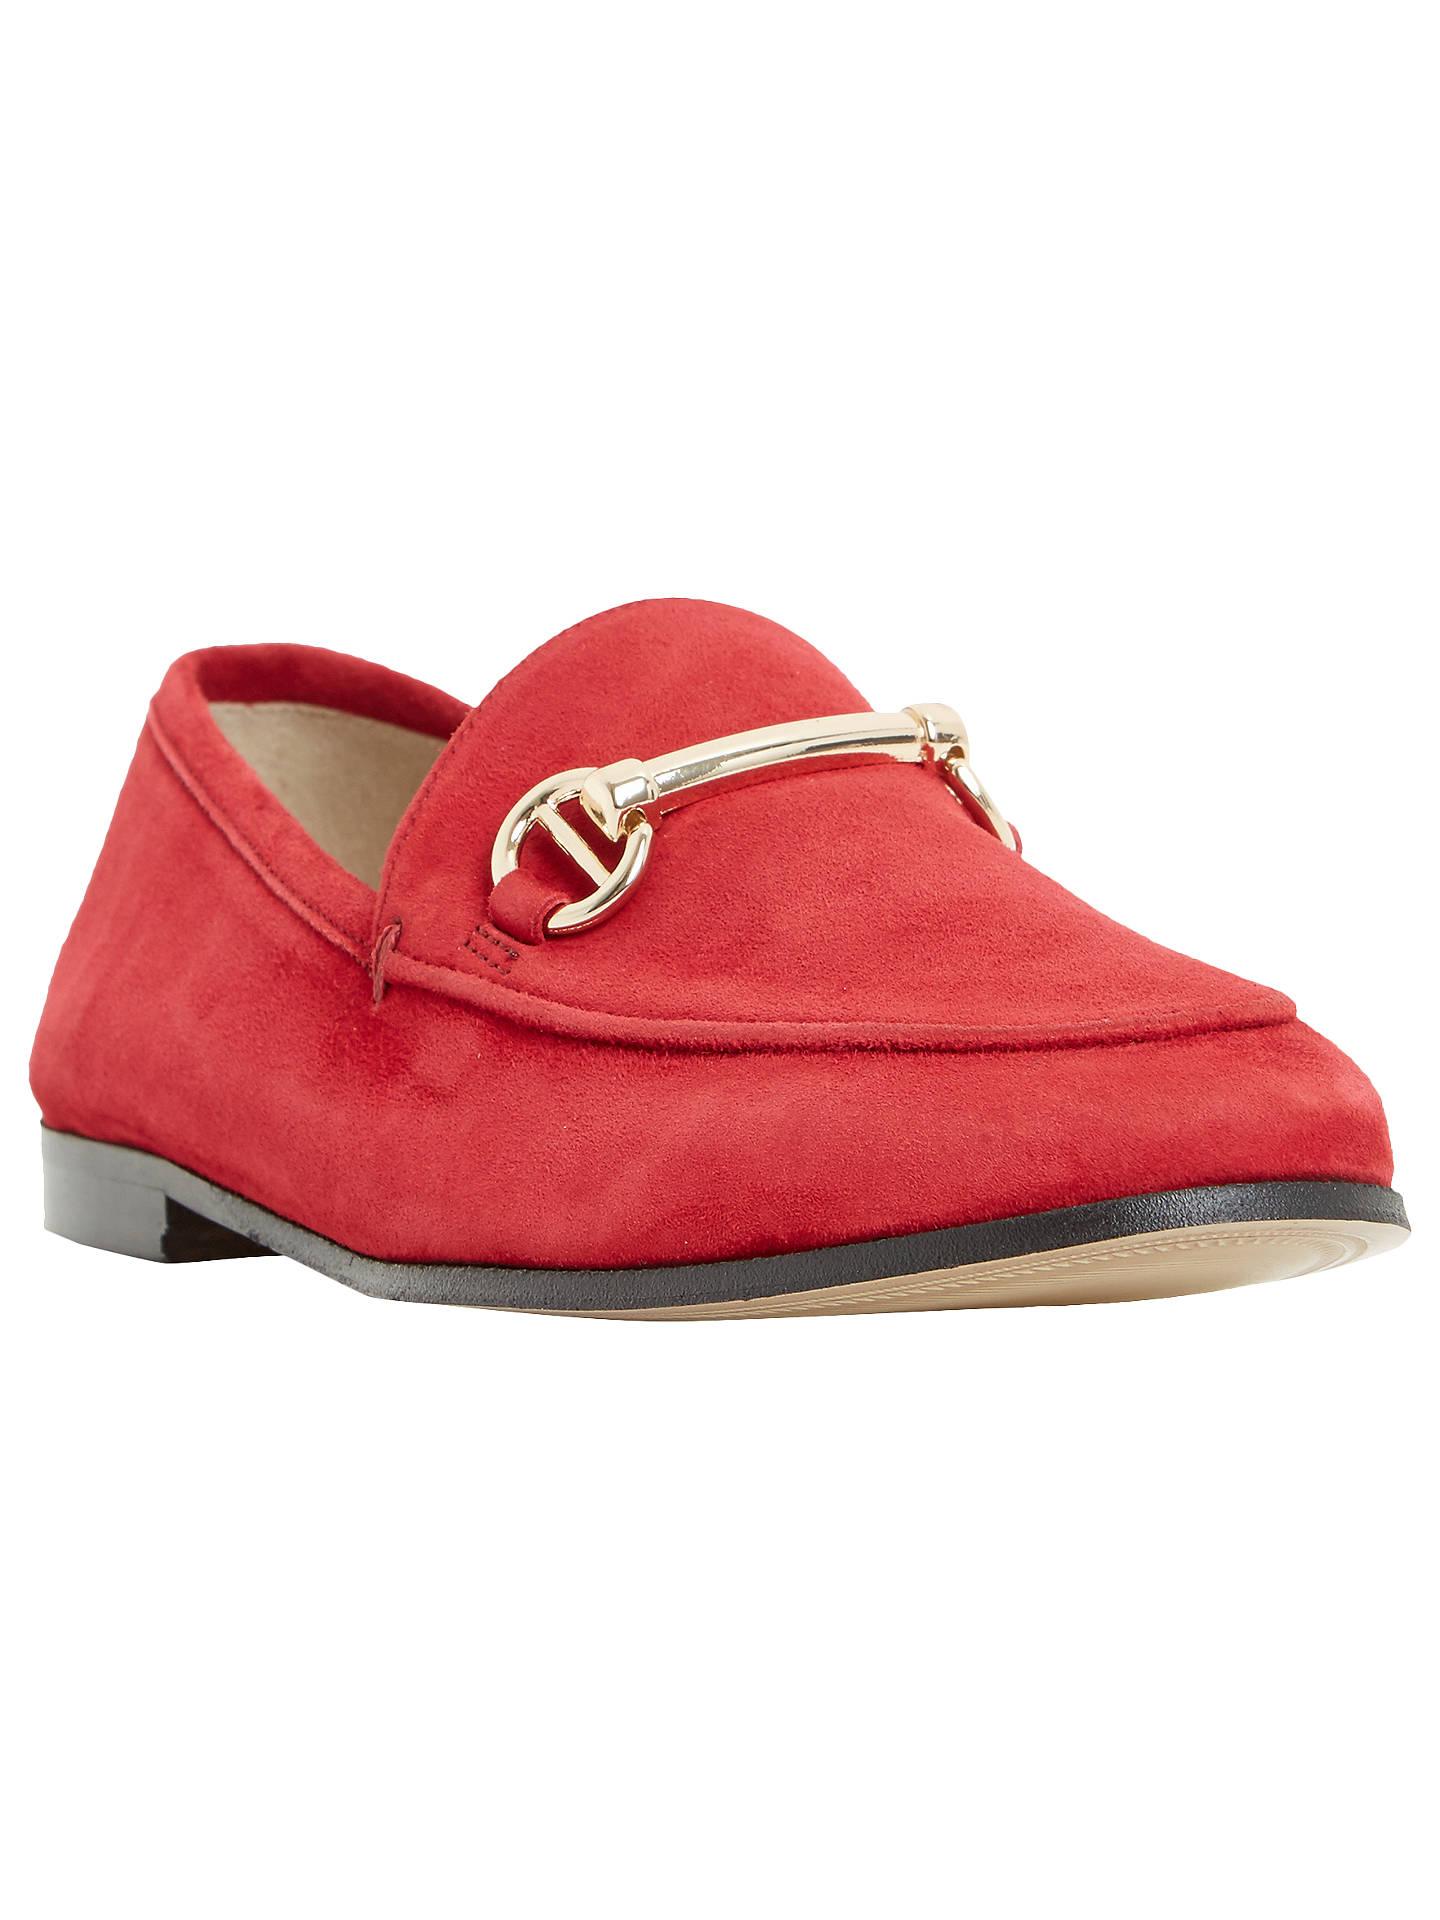 cdb5c8de5d4 Buy Dune Guilt Loafers